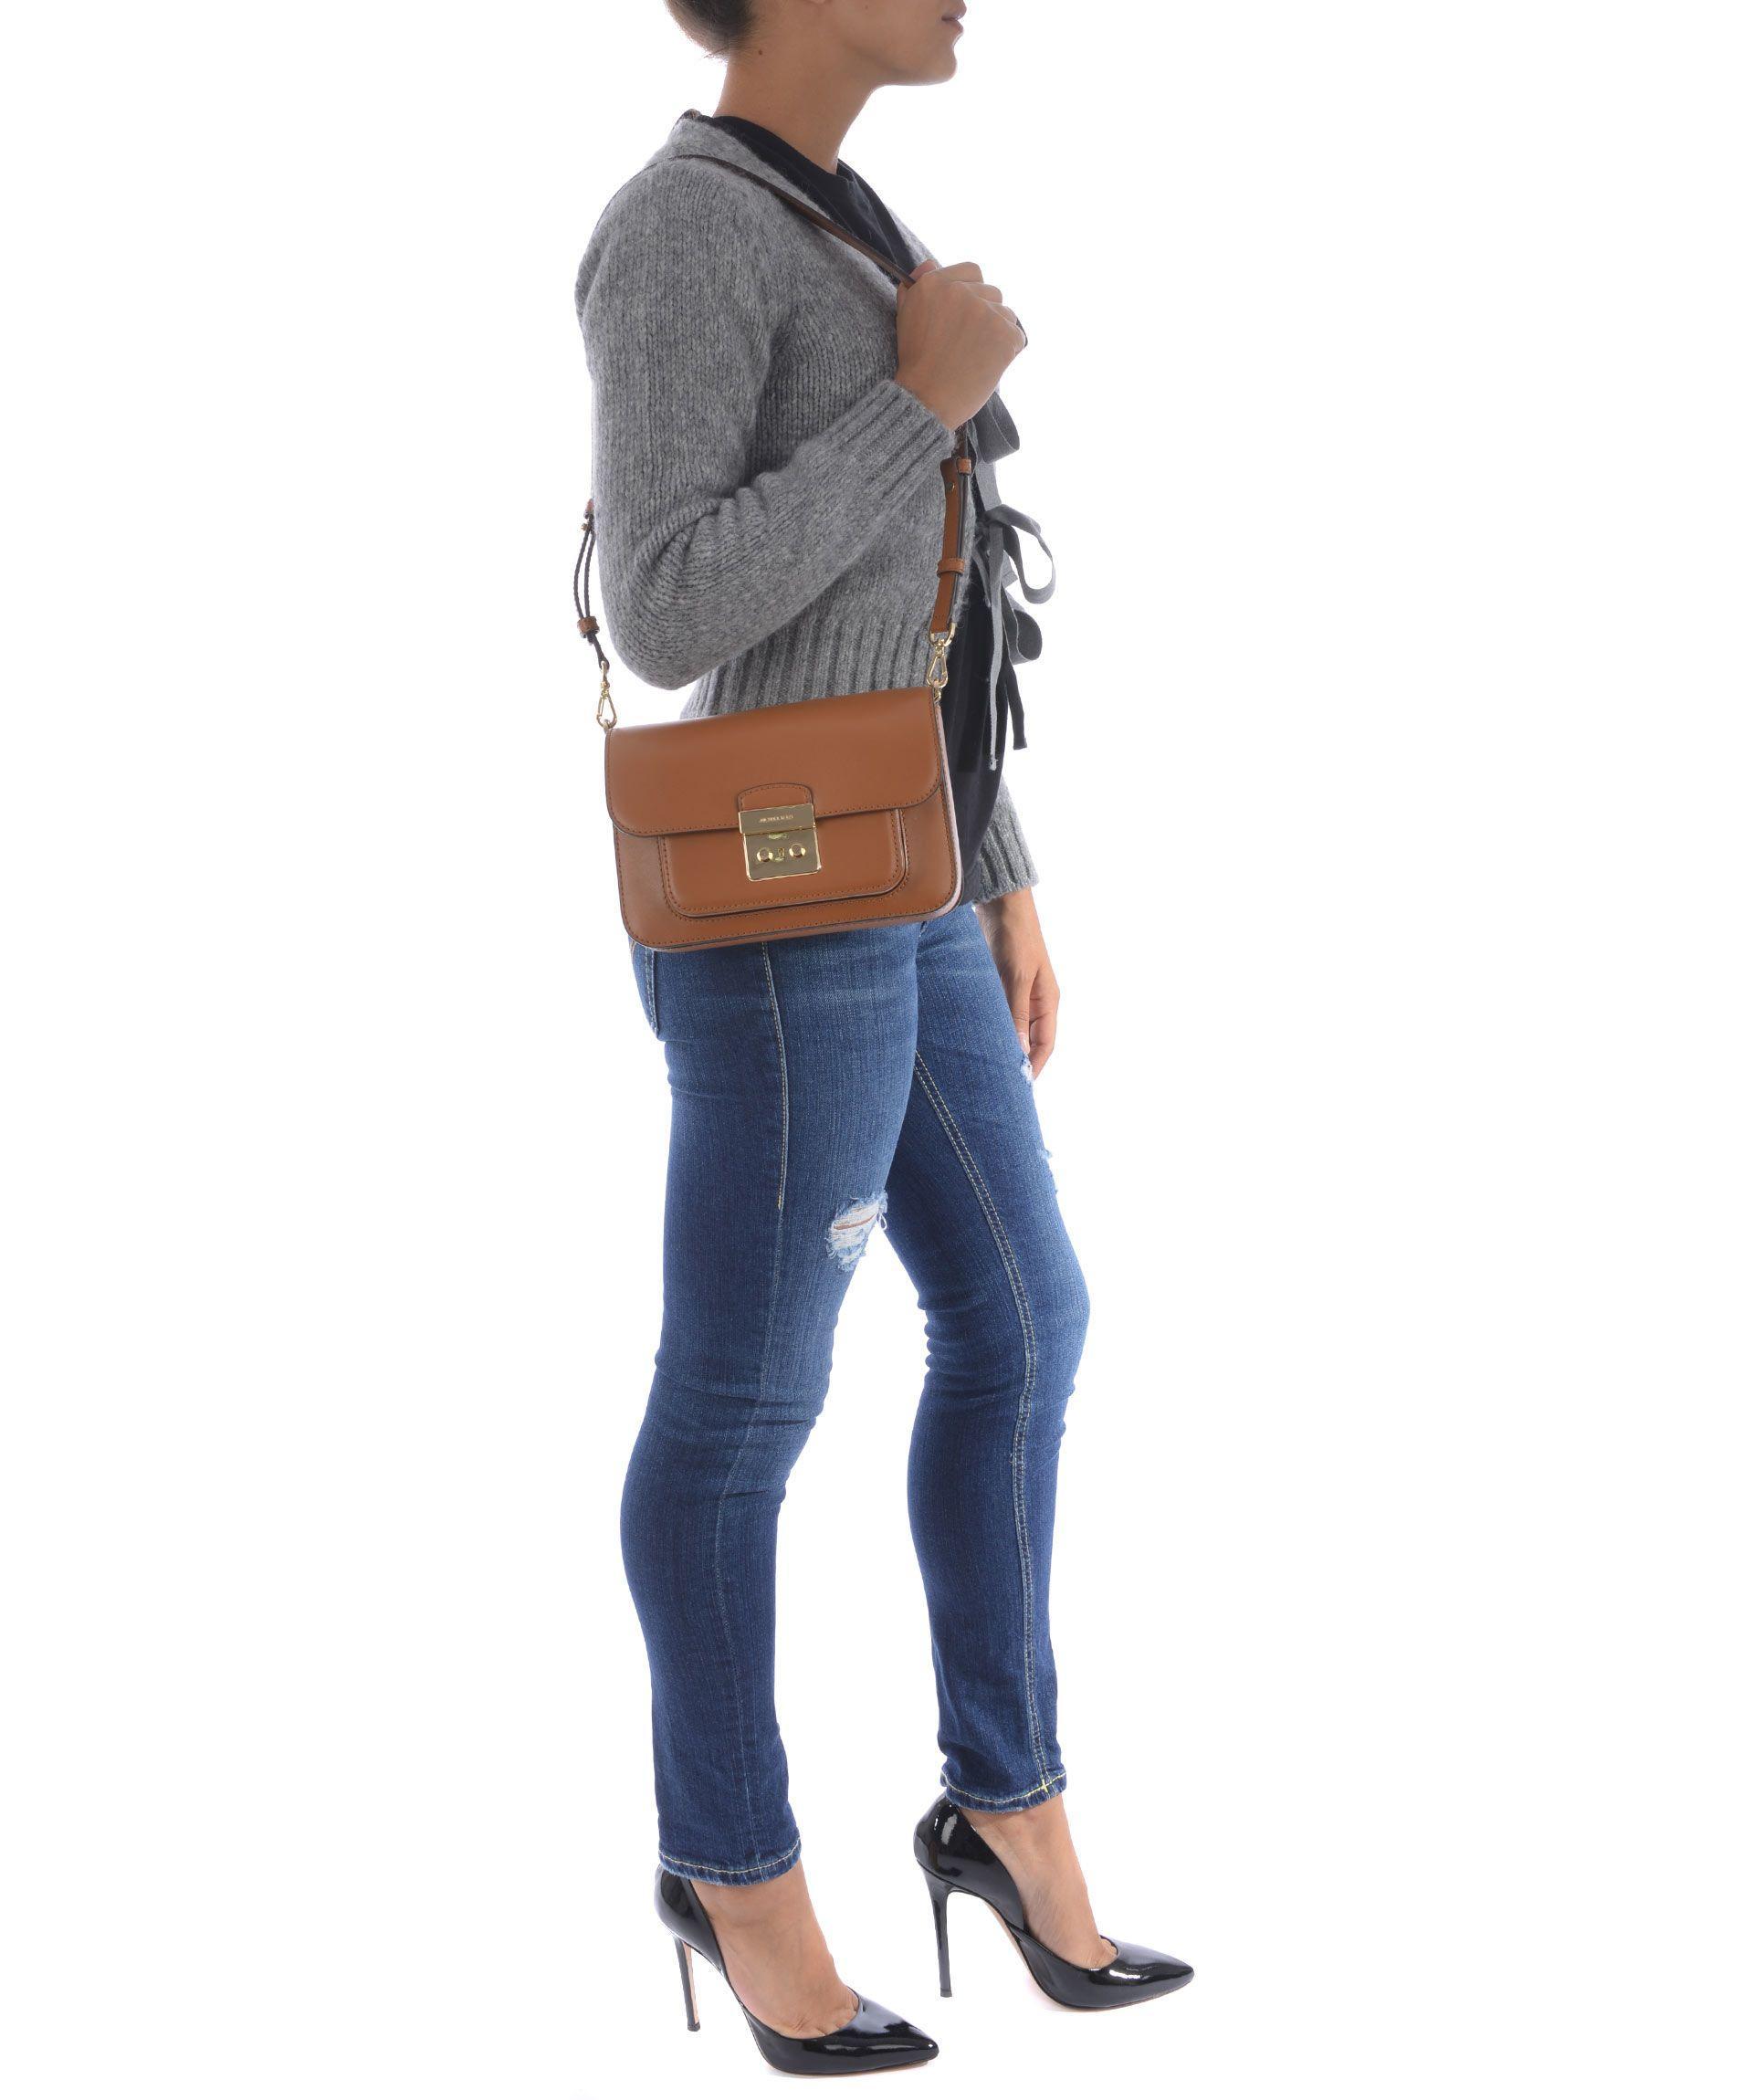 Michael Kors Madelyn Shoulder Bag In Cammello